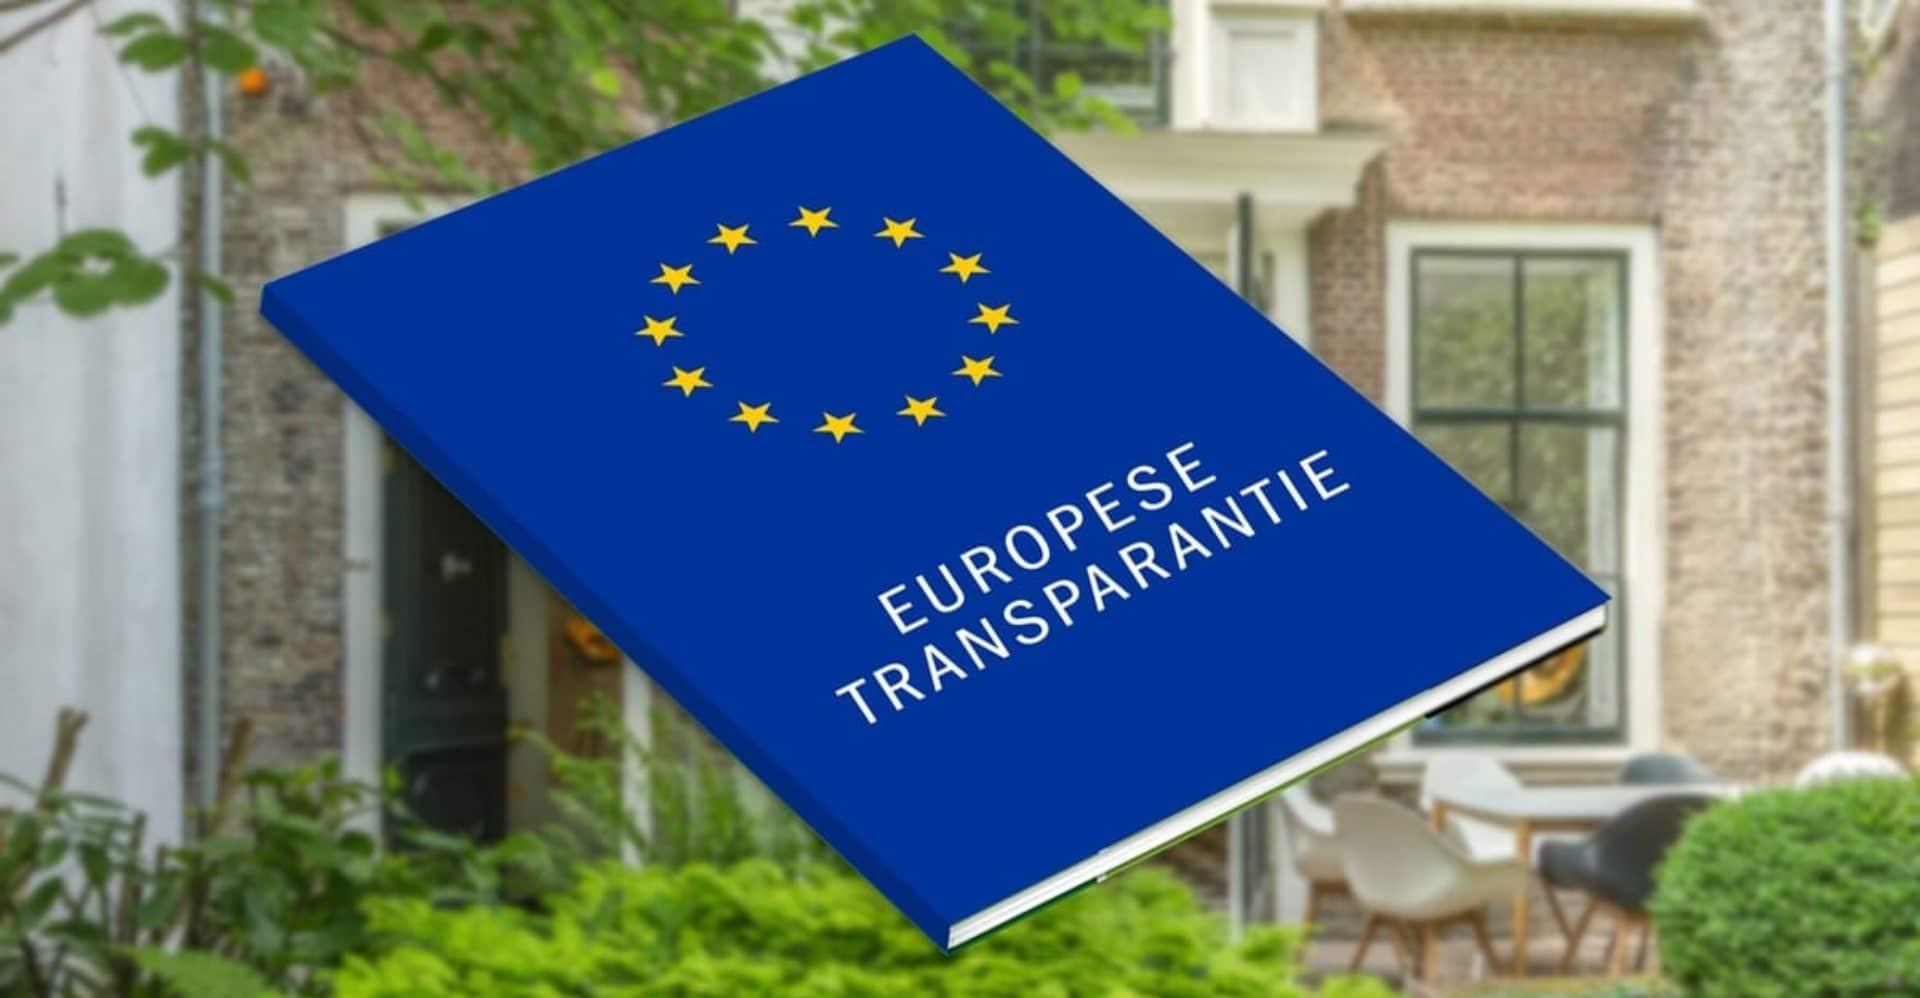 Brussel stakeholdermanagement